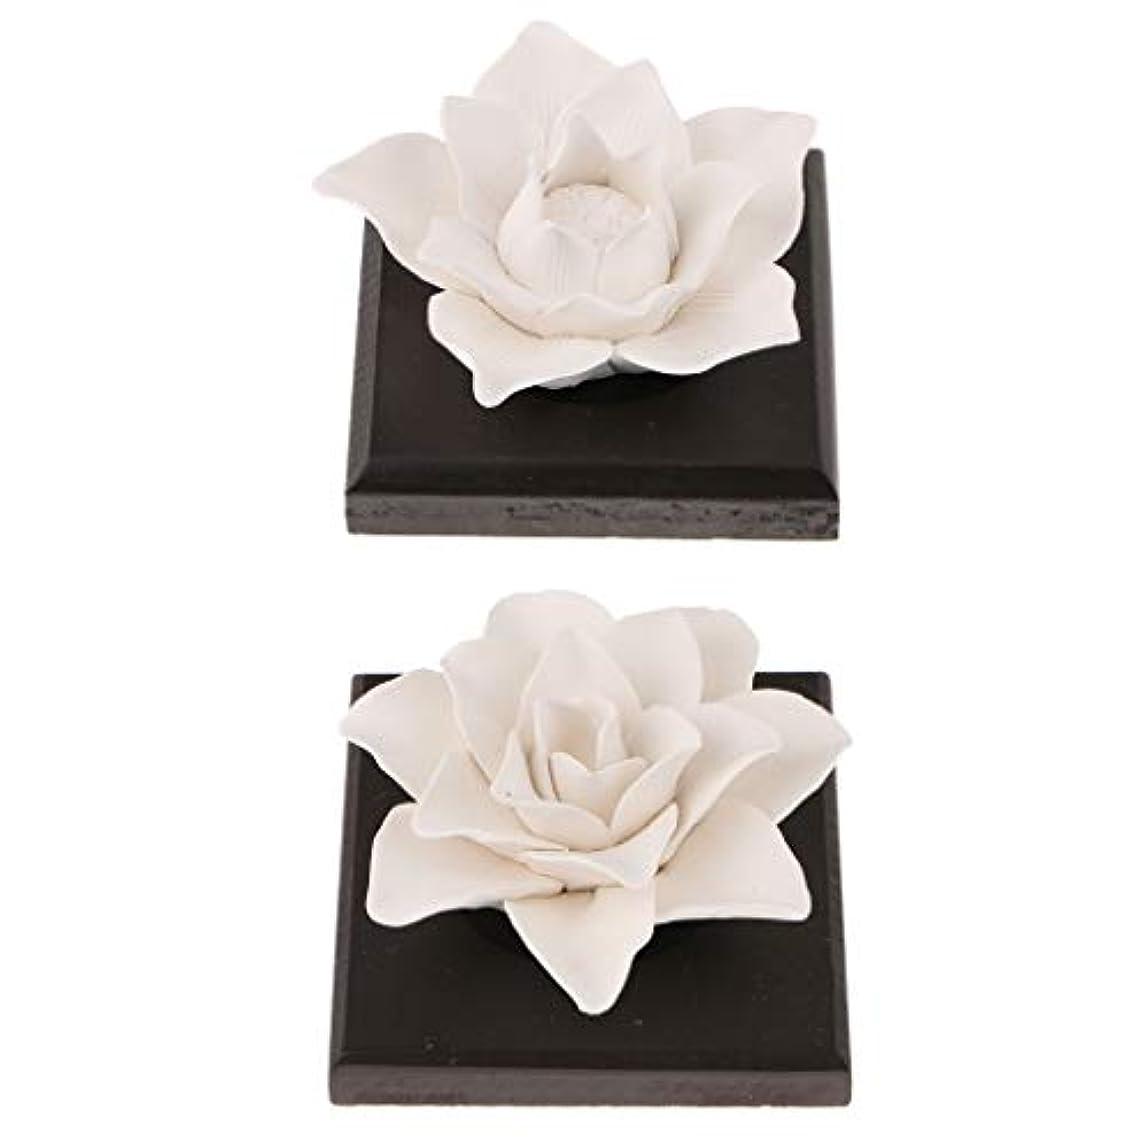 柔らかい影響力のあるメカニックB Blesiya 美しい セラミック 花 エッセンシャルオイル 香水 香り ディフューザー 装飾品 2個